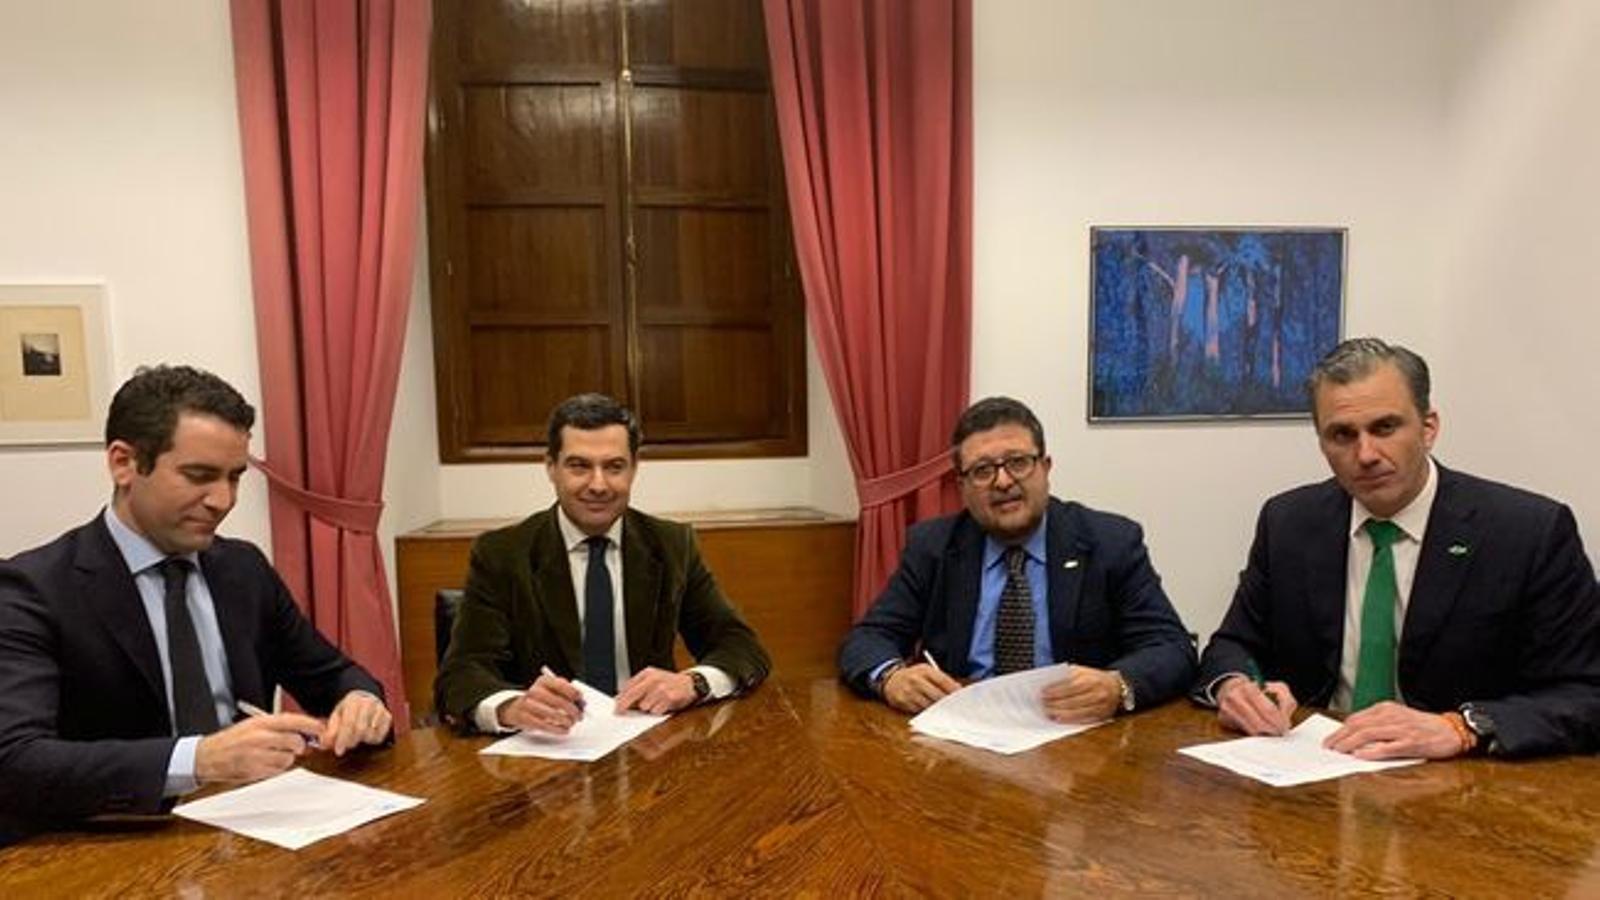 La premsa internacional posa la mirada al pacte de govern a Andalusia amb el suport de Vox